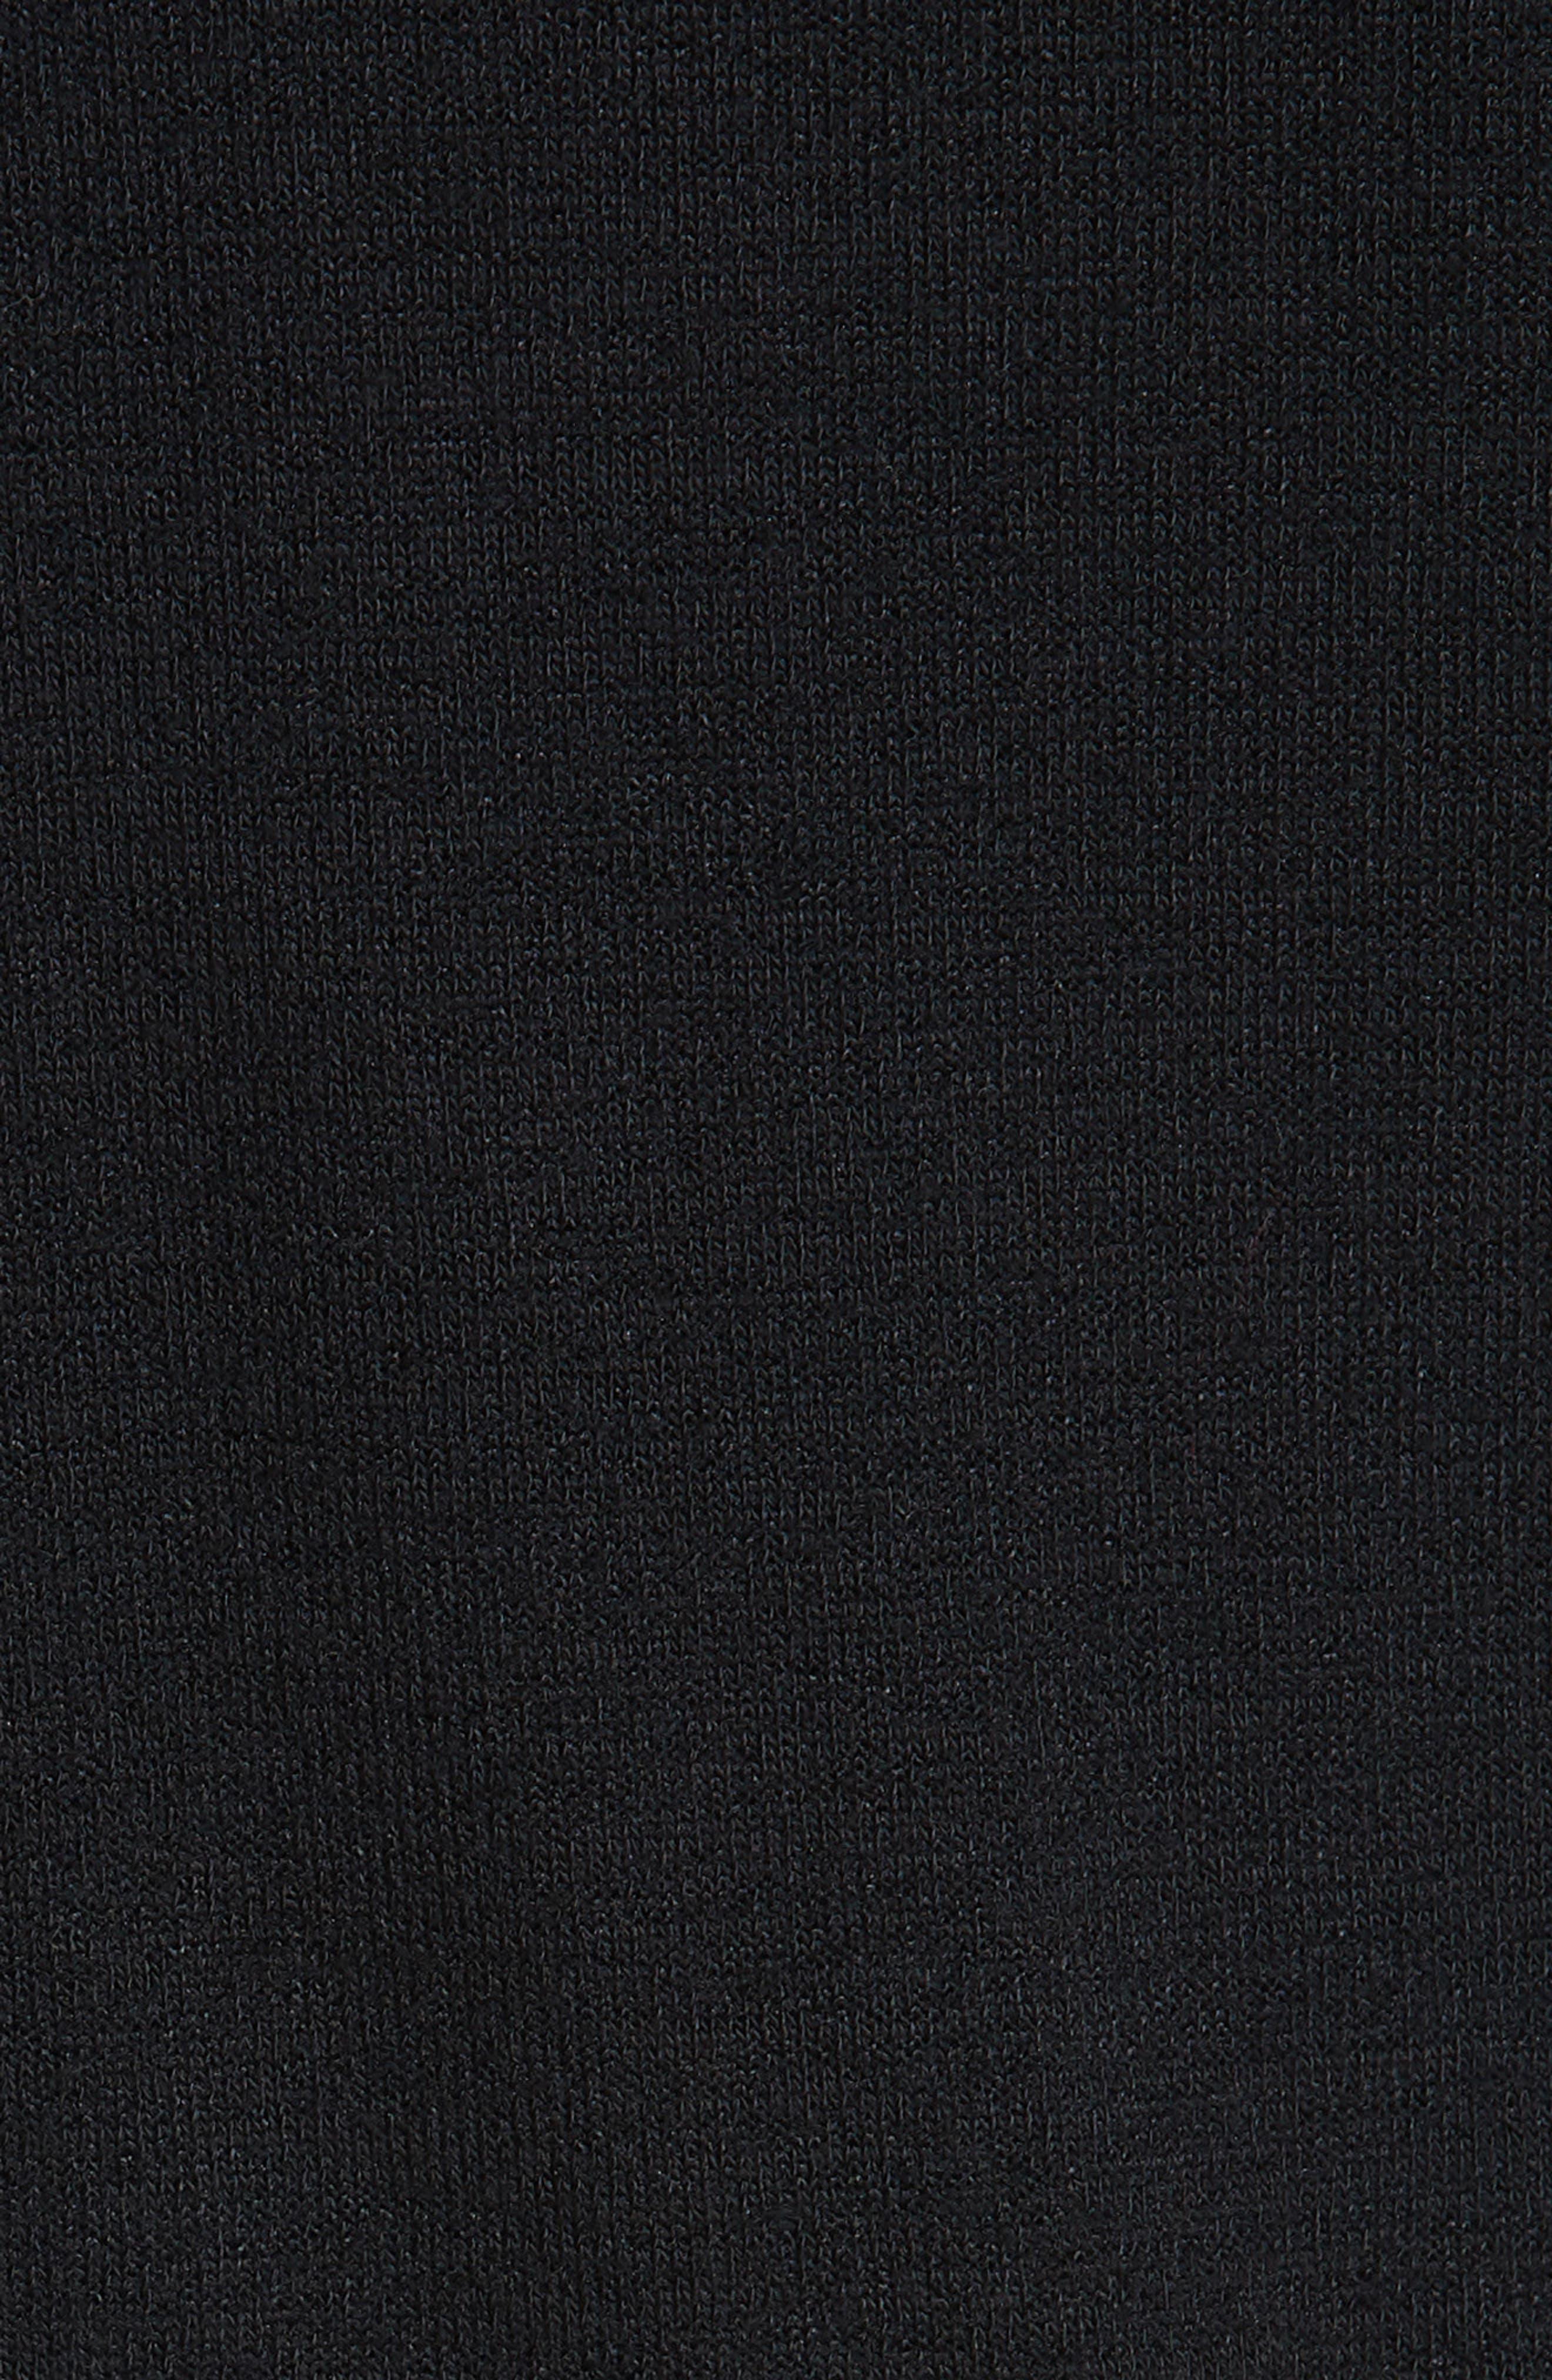 Landon Turtleneck Minidress,                             Alternate thumbnail 5, color,                             BLACK